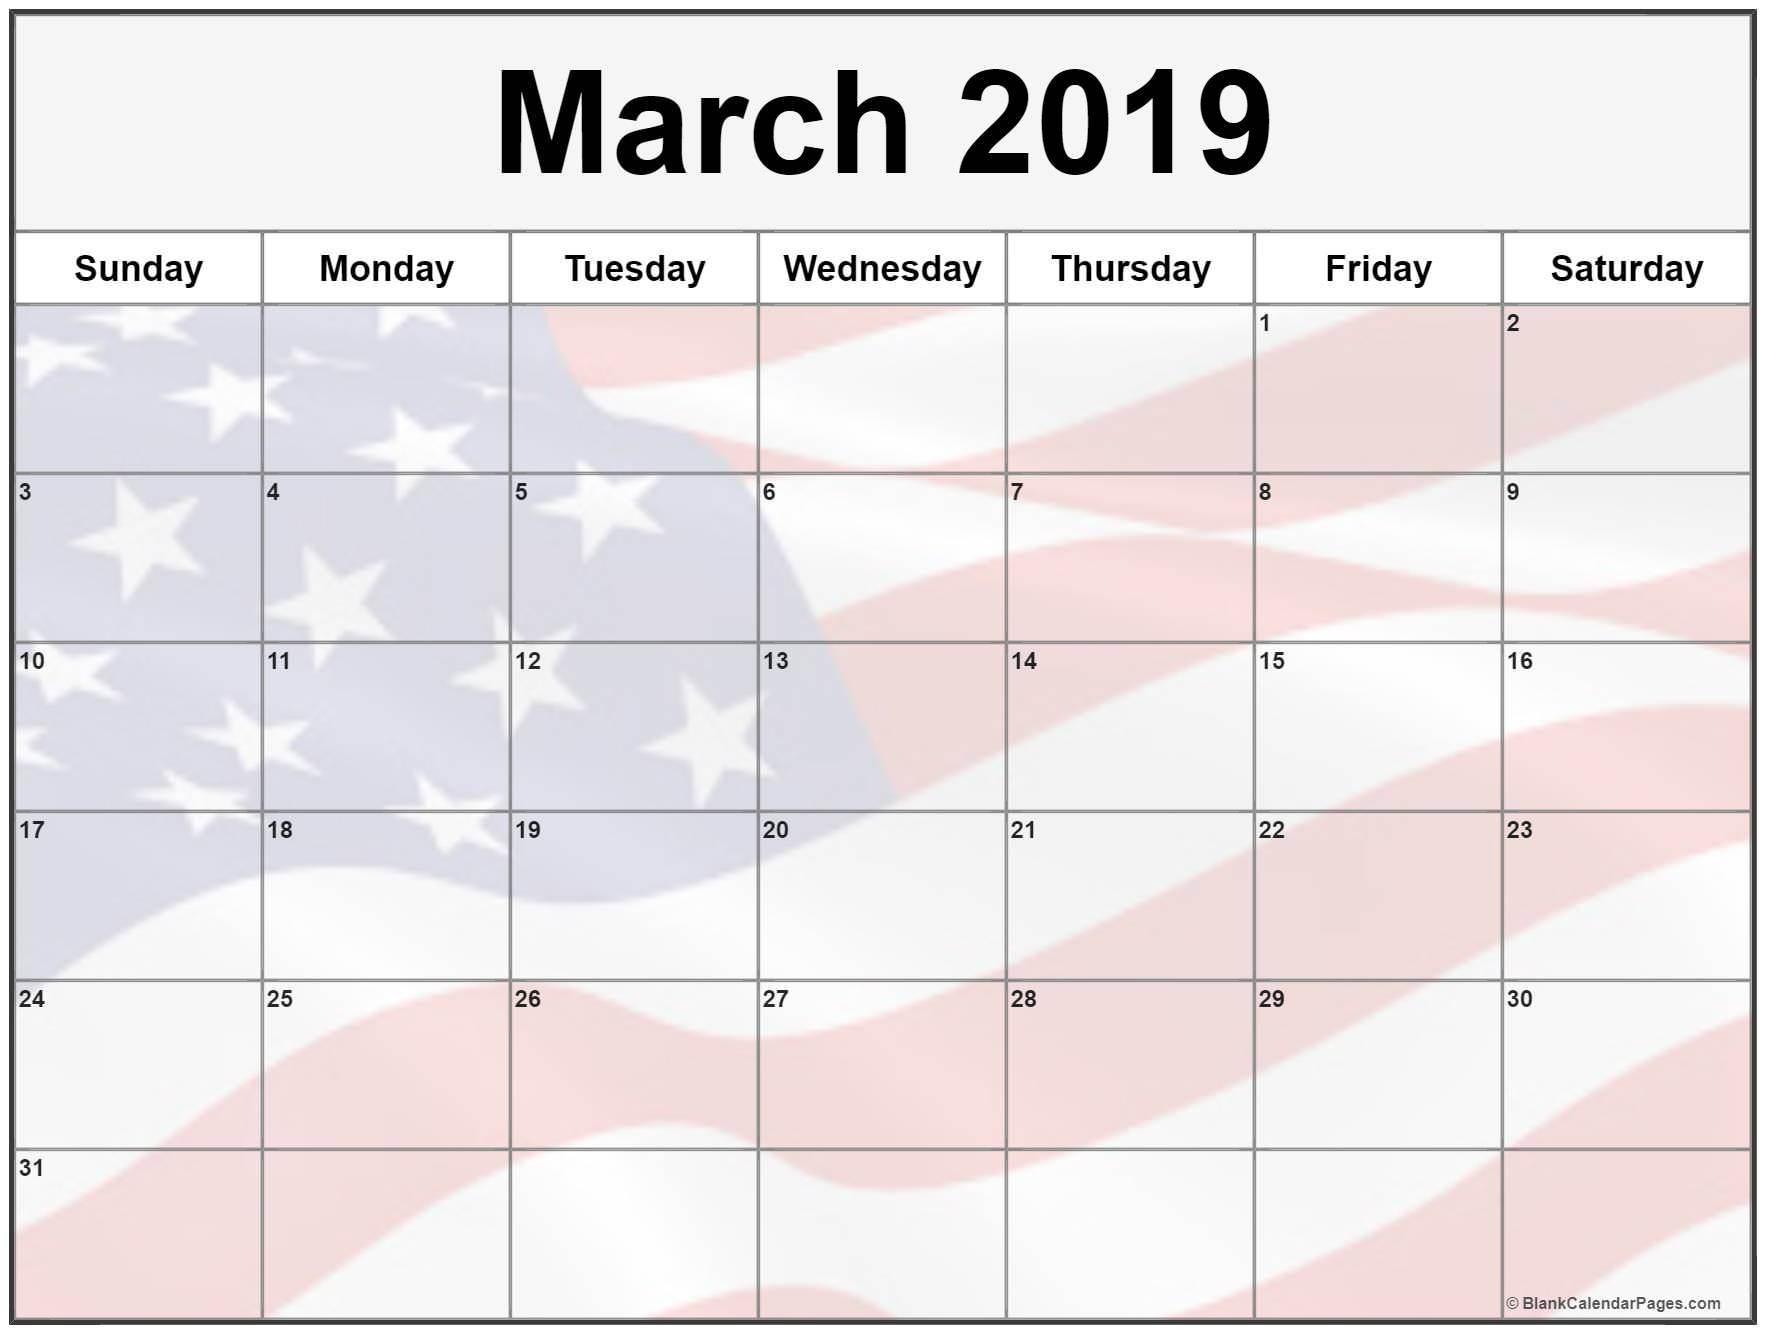 USA Holidays Calendar For March 2019